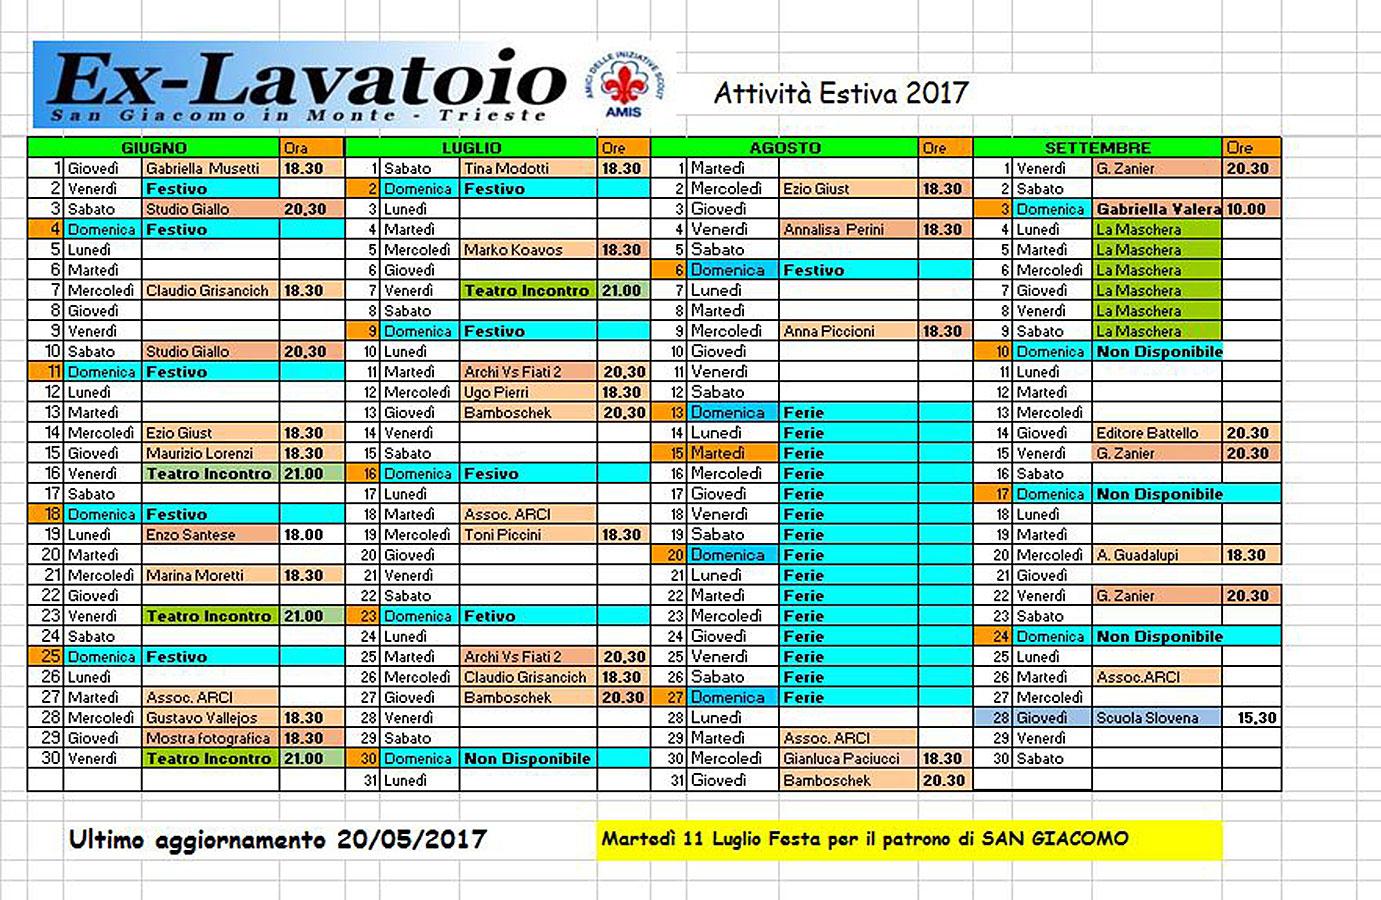 ex-Lavatoio programma estivo 2017